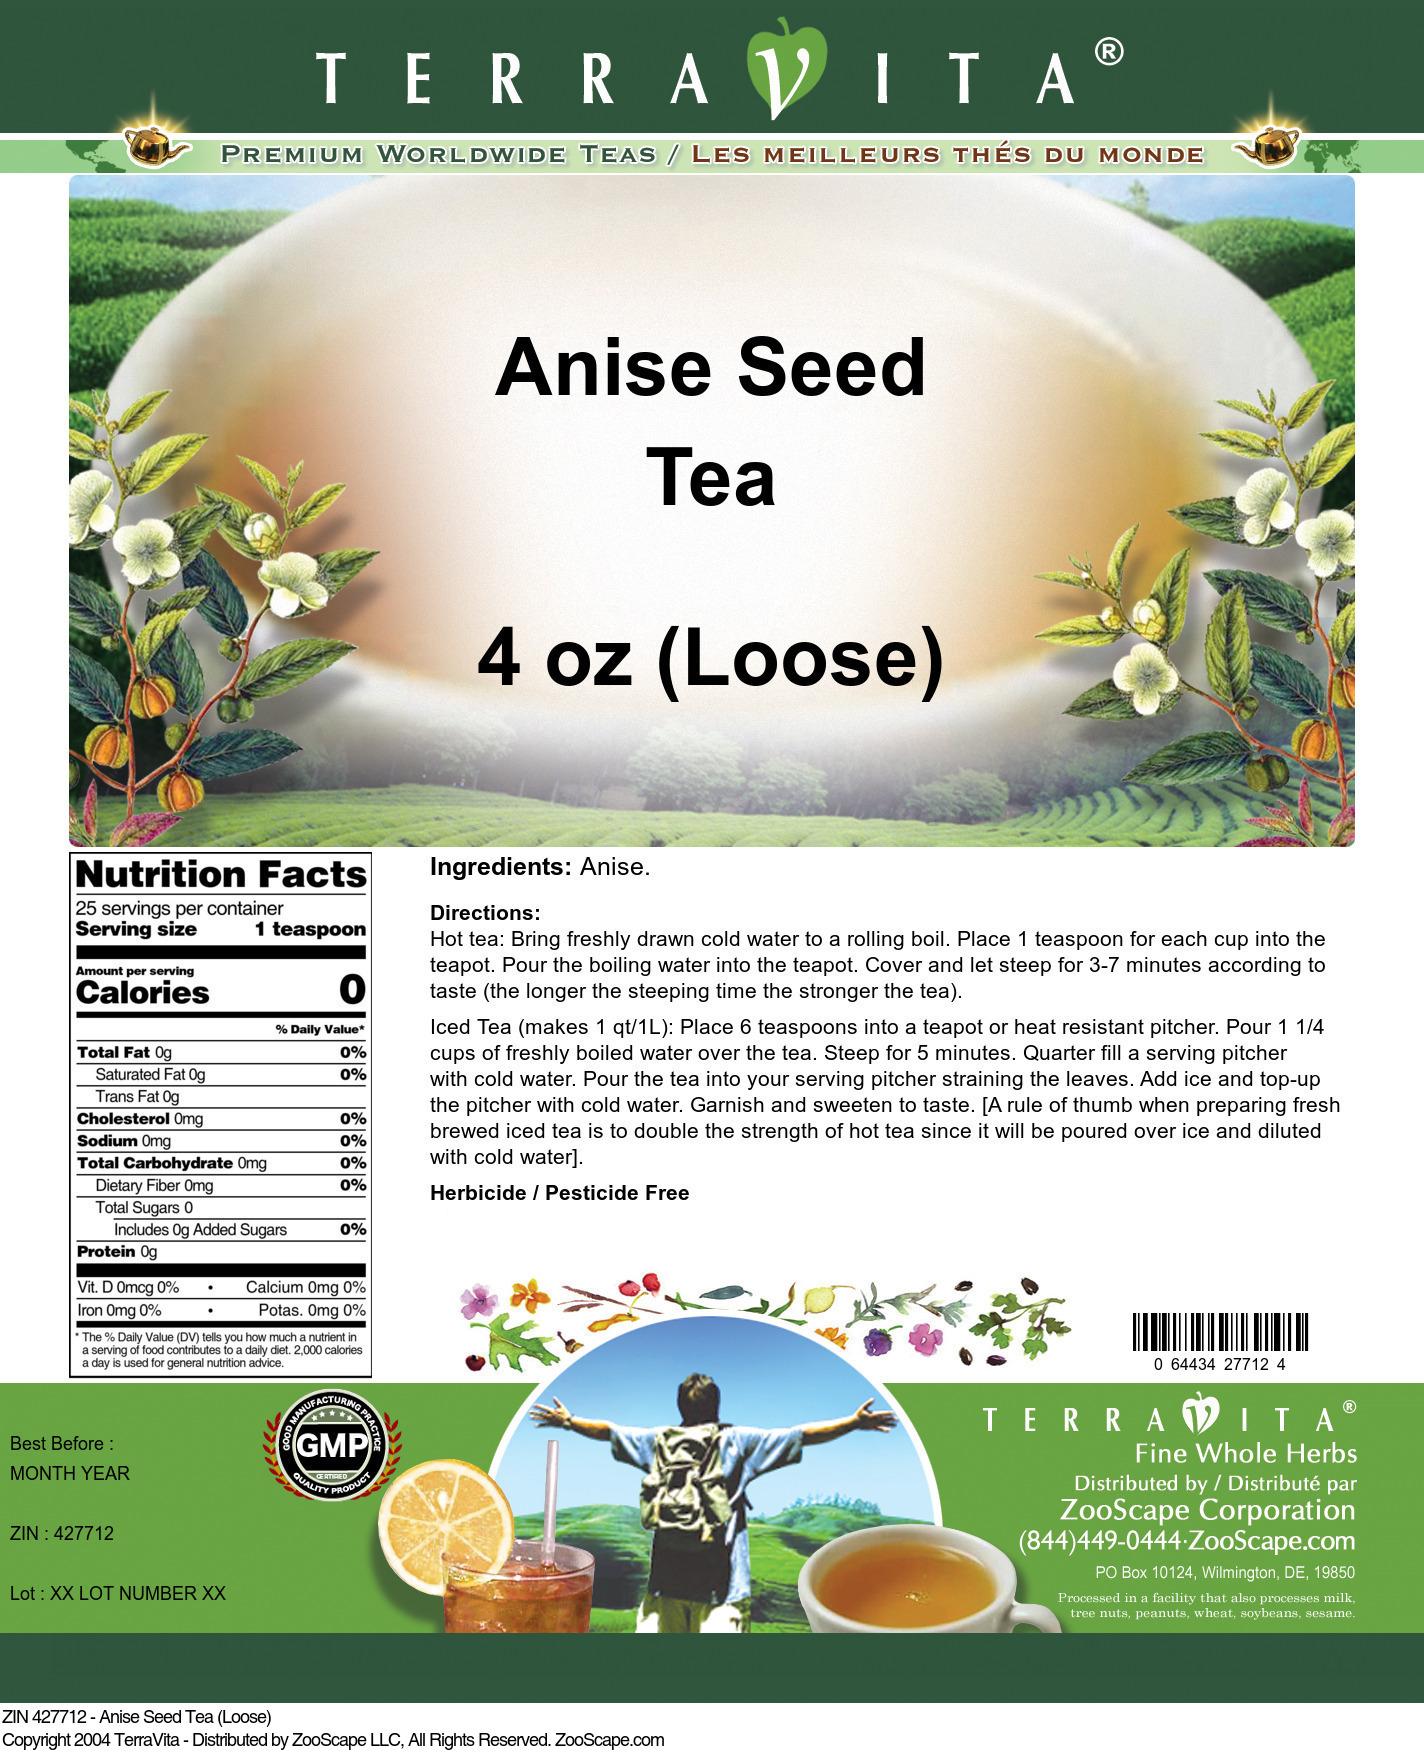 Anise Seed Tea (Loose)